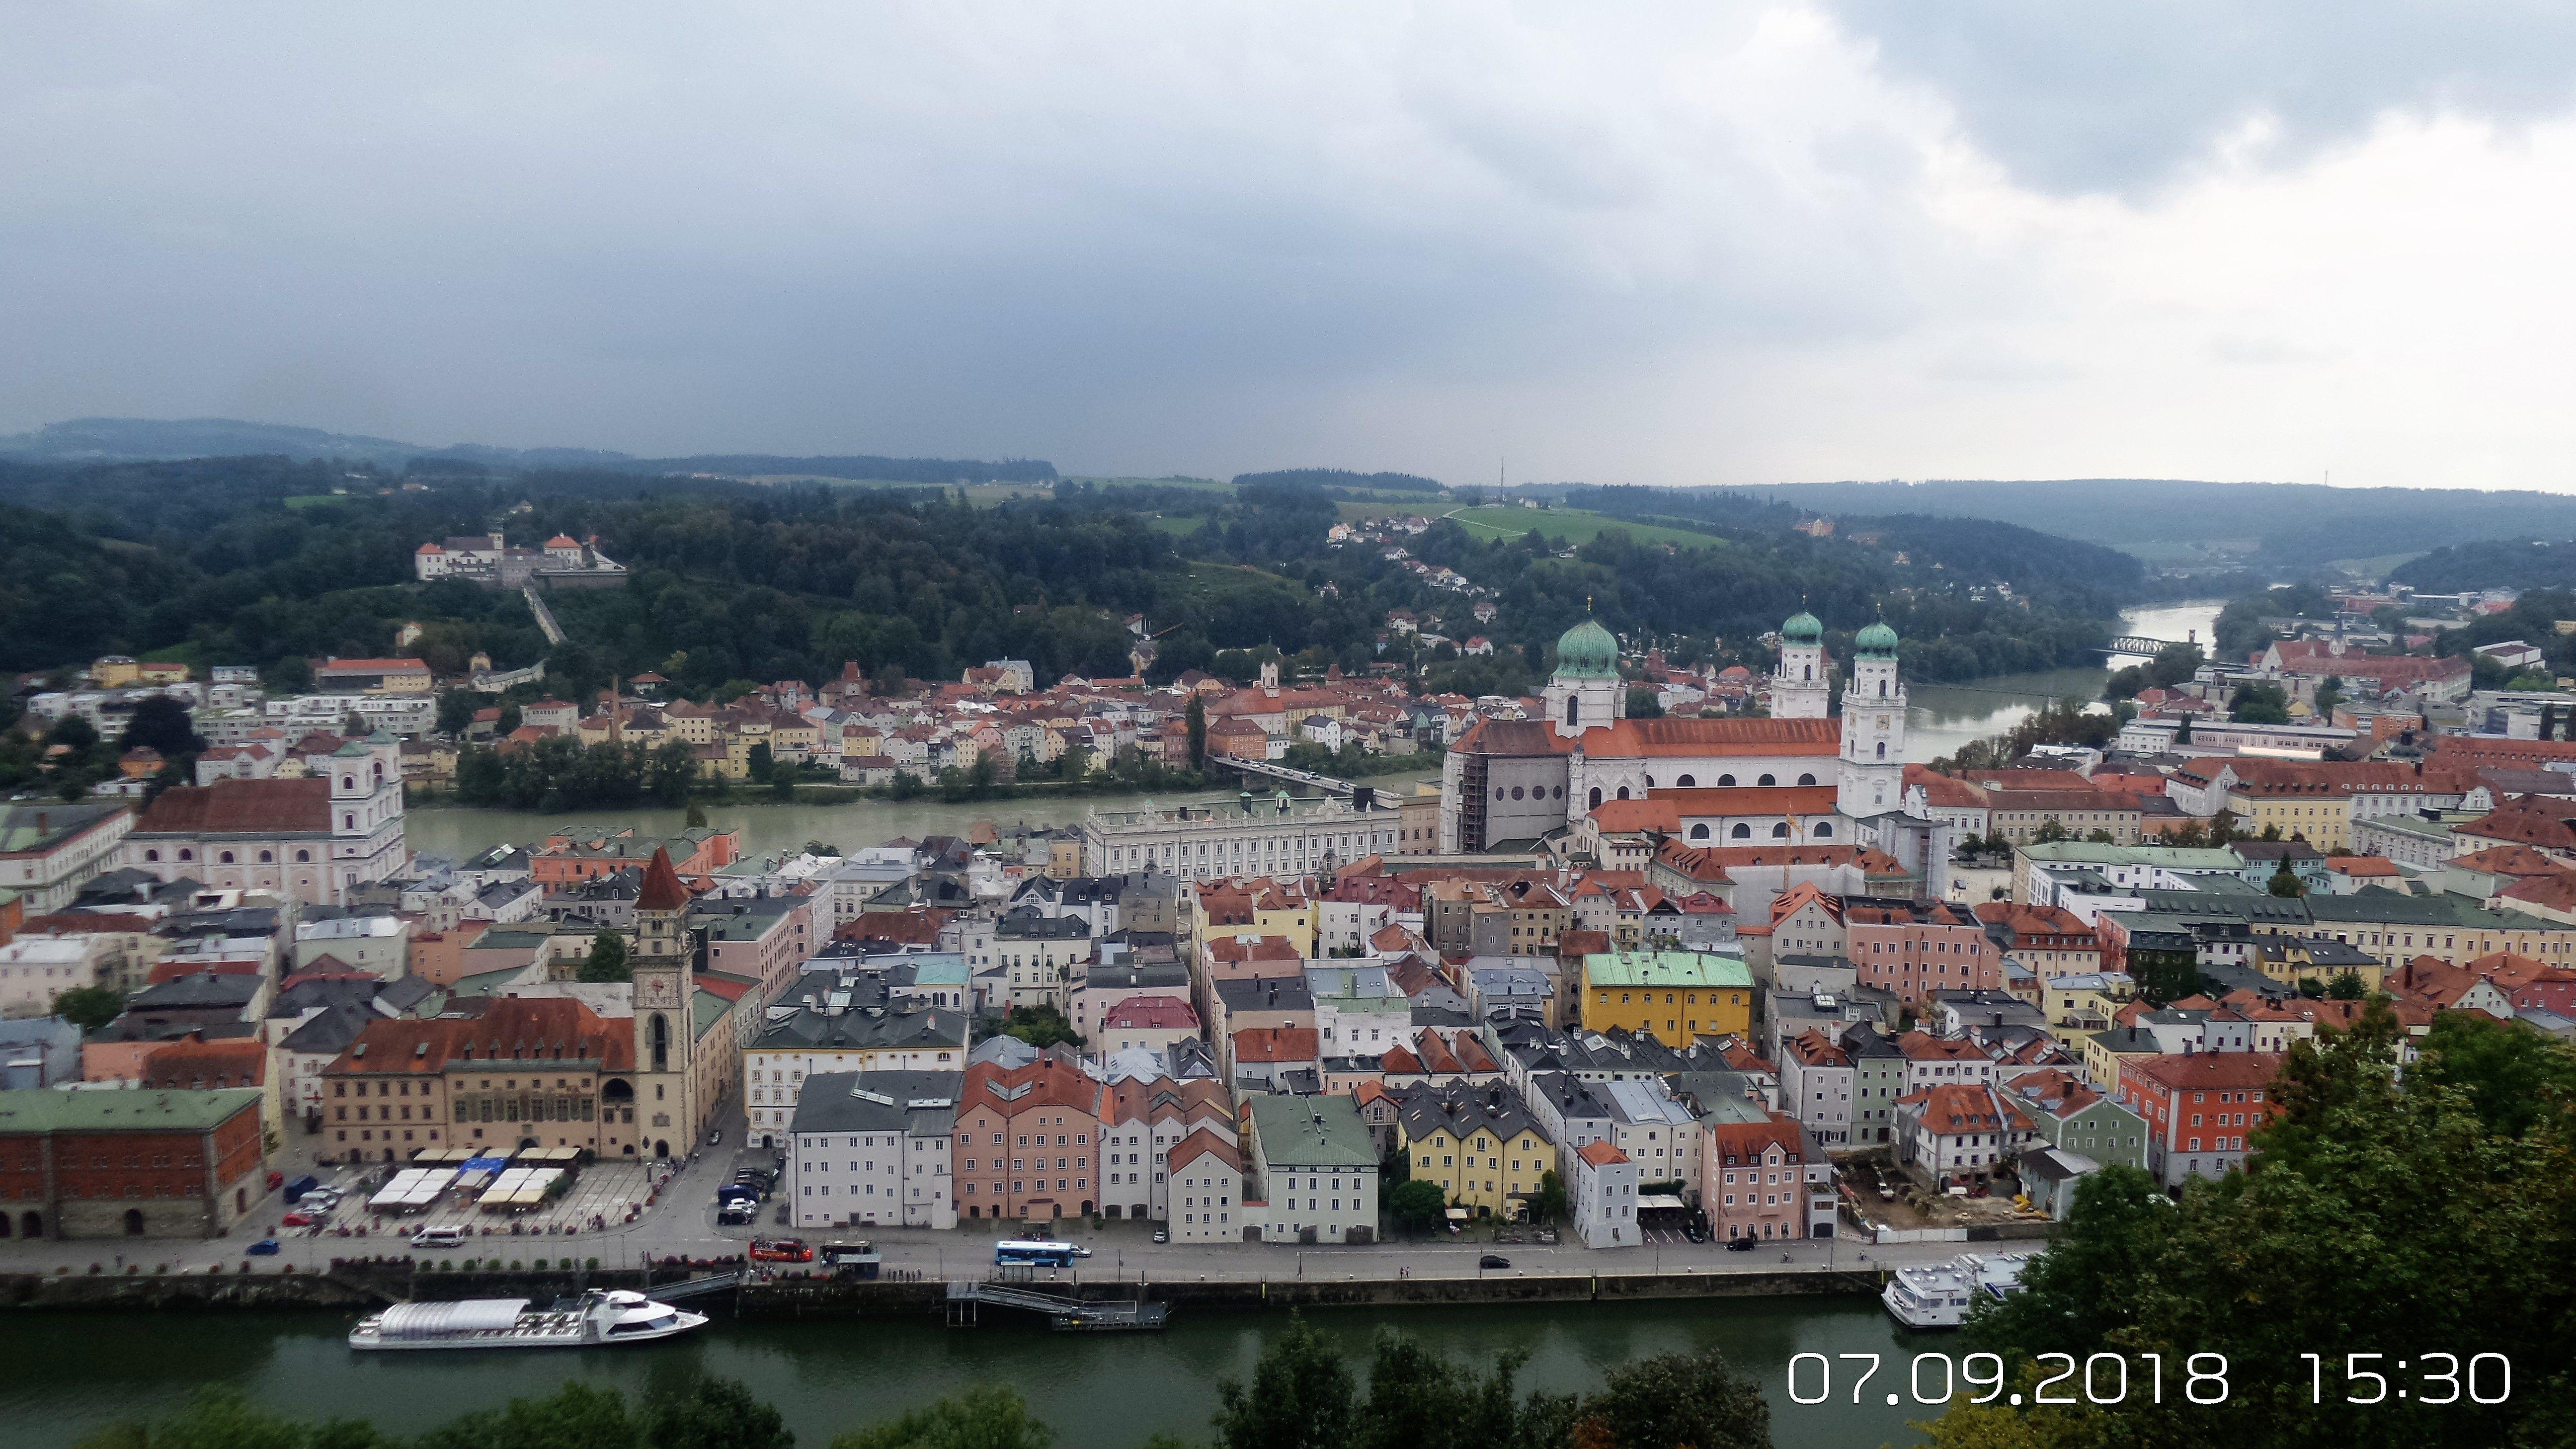 Bayern Passau Blick Von Der Oberen Veste Mit Bildern Historische Stadtkerne Altstadt Passau